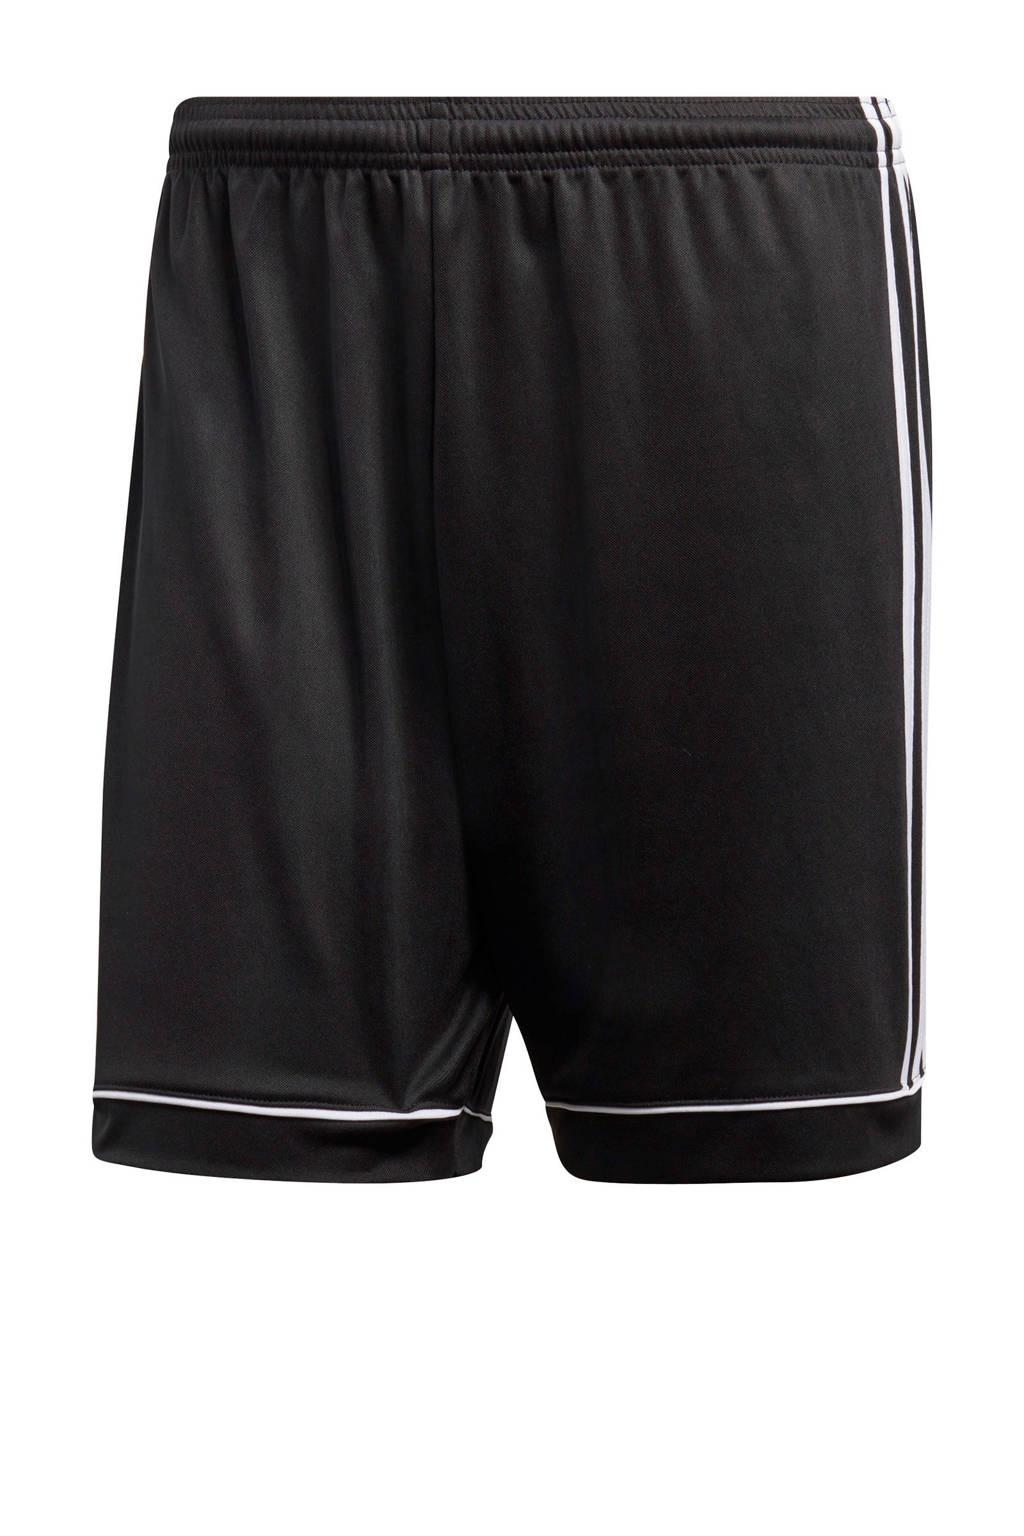 adidas performance   sportshort Squad zwart/wit, Zwart/wit